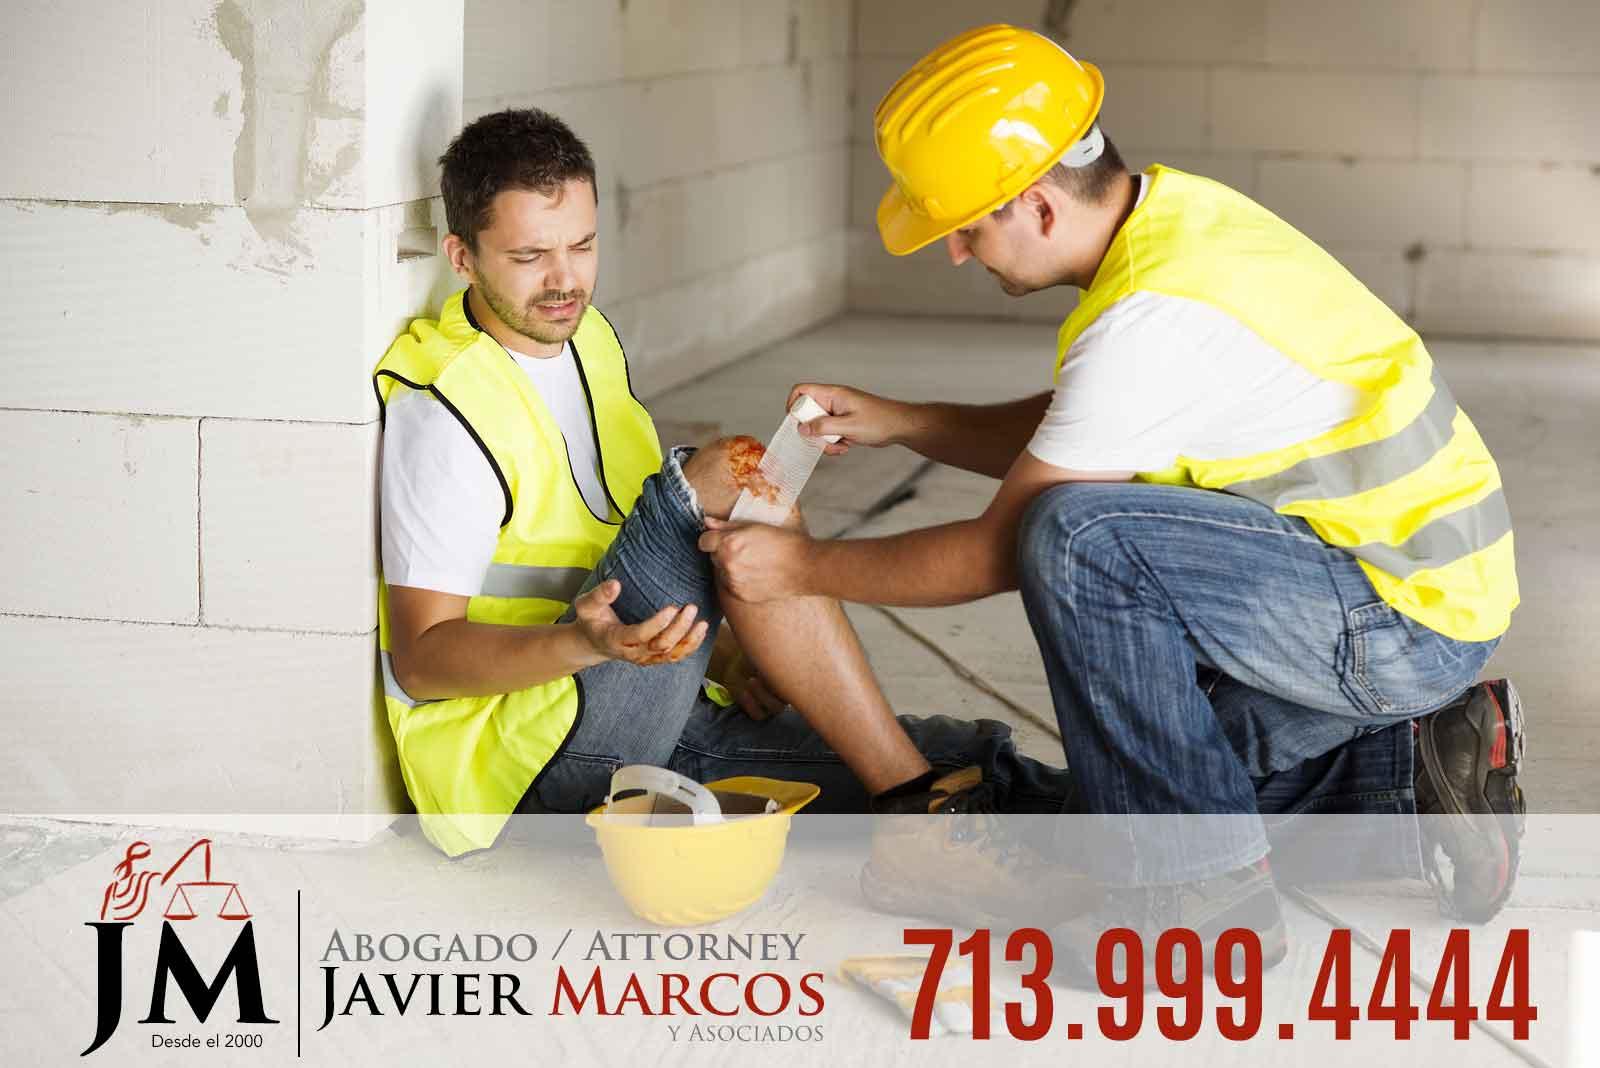 Abogado Accidente Trabajo | Abogado Javier Marcos | 713.999.4444